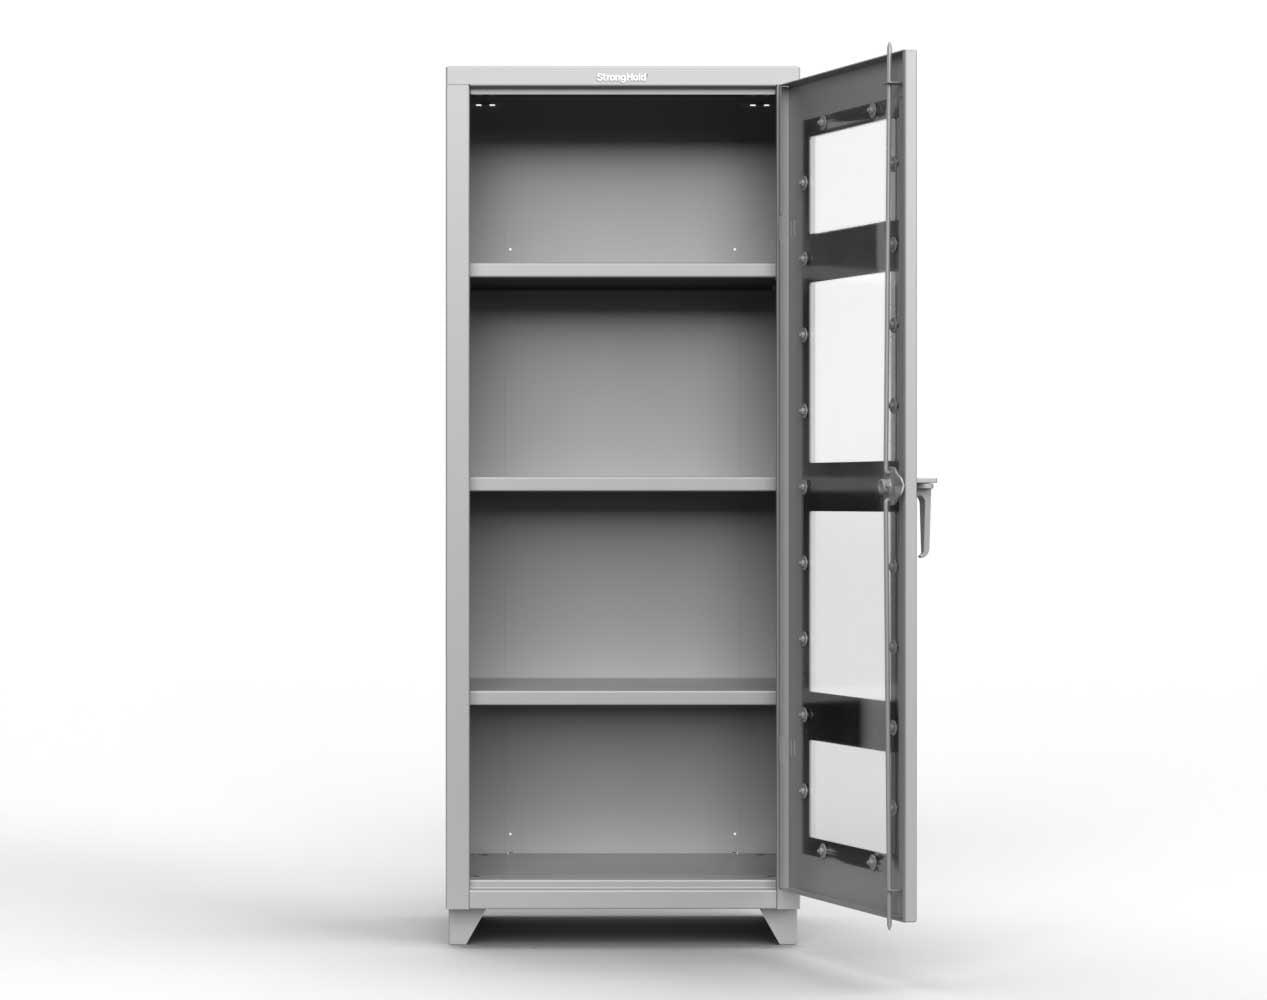 Heavy Duty 14 GA Clear View Cabinet, Single Door – 30 In. W x 24 In. D x 75 In. H